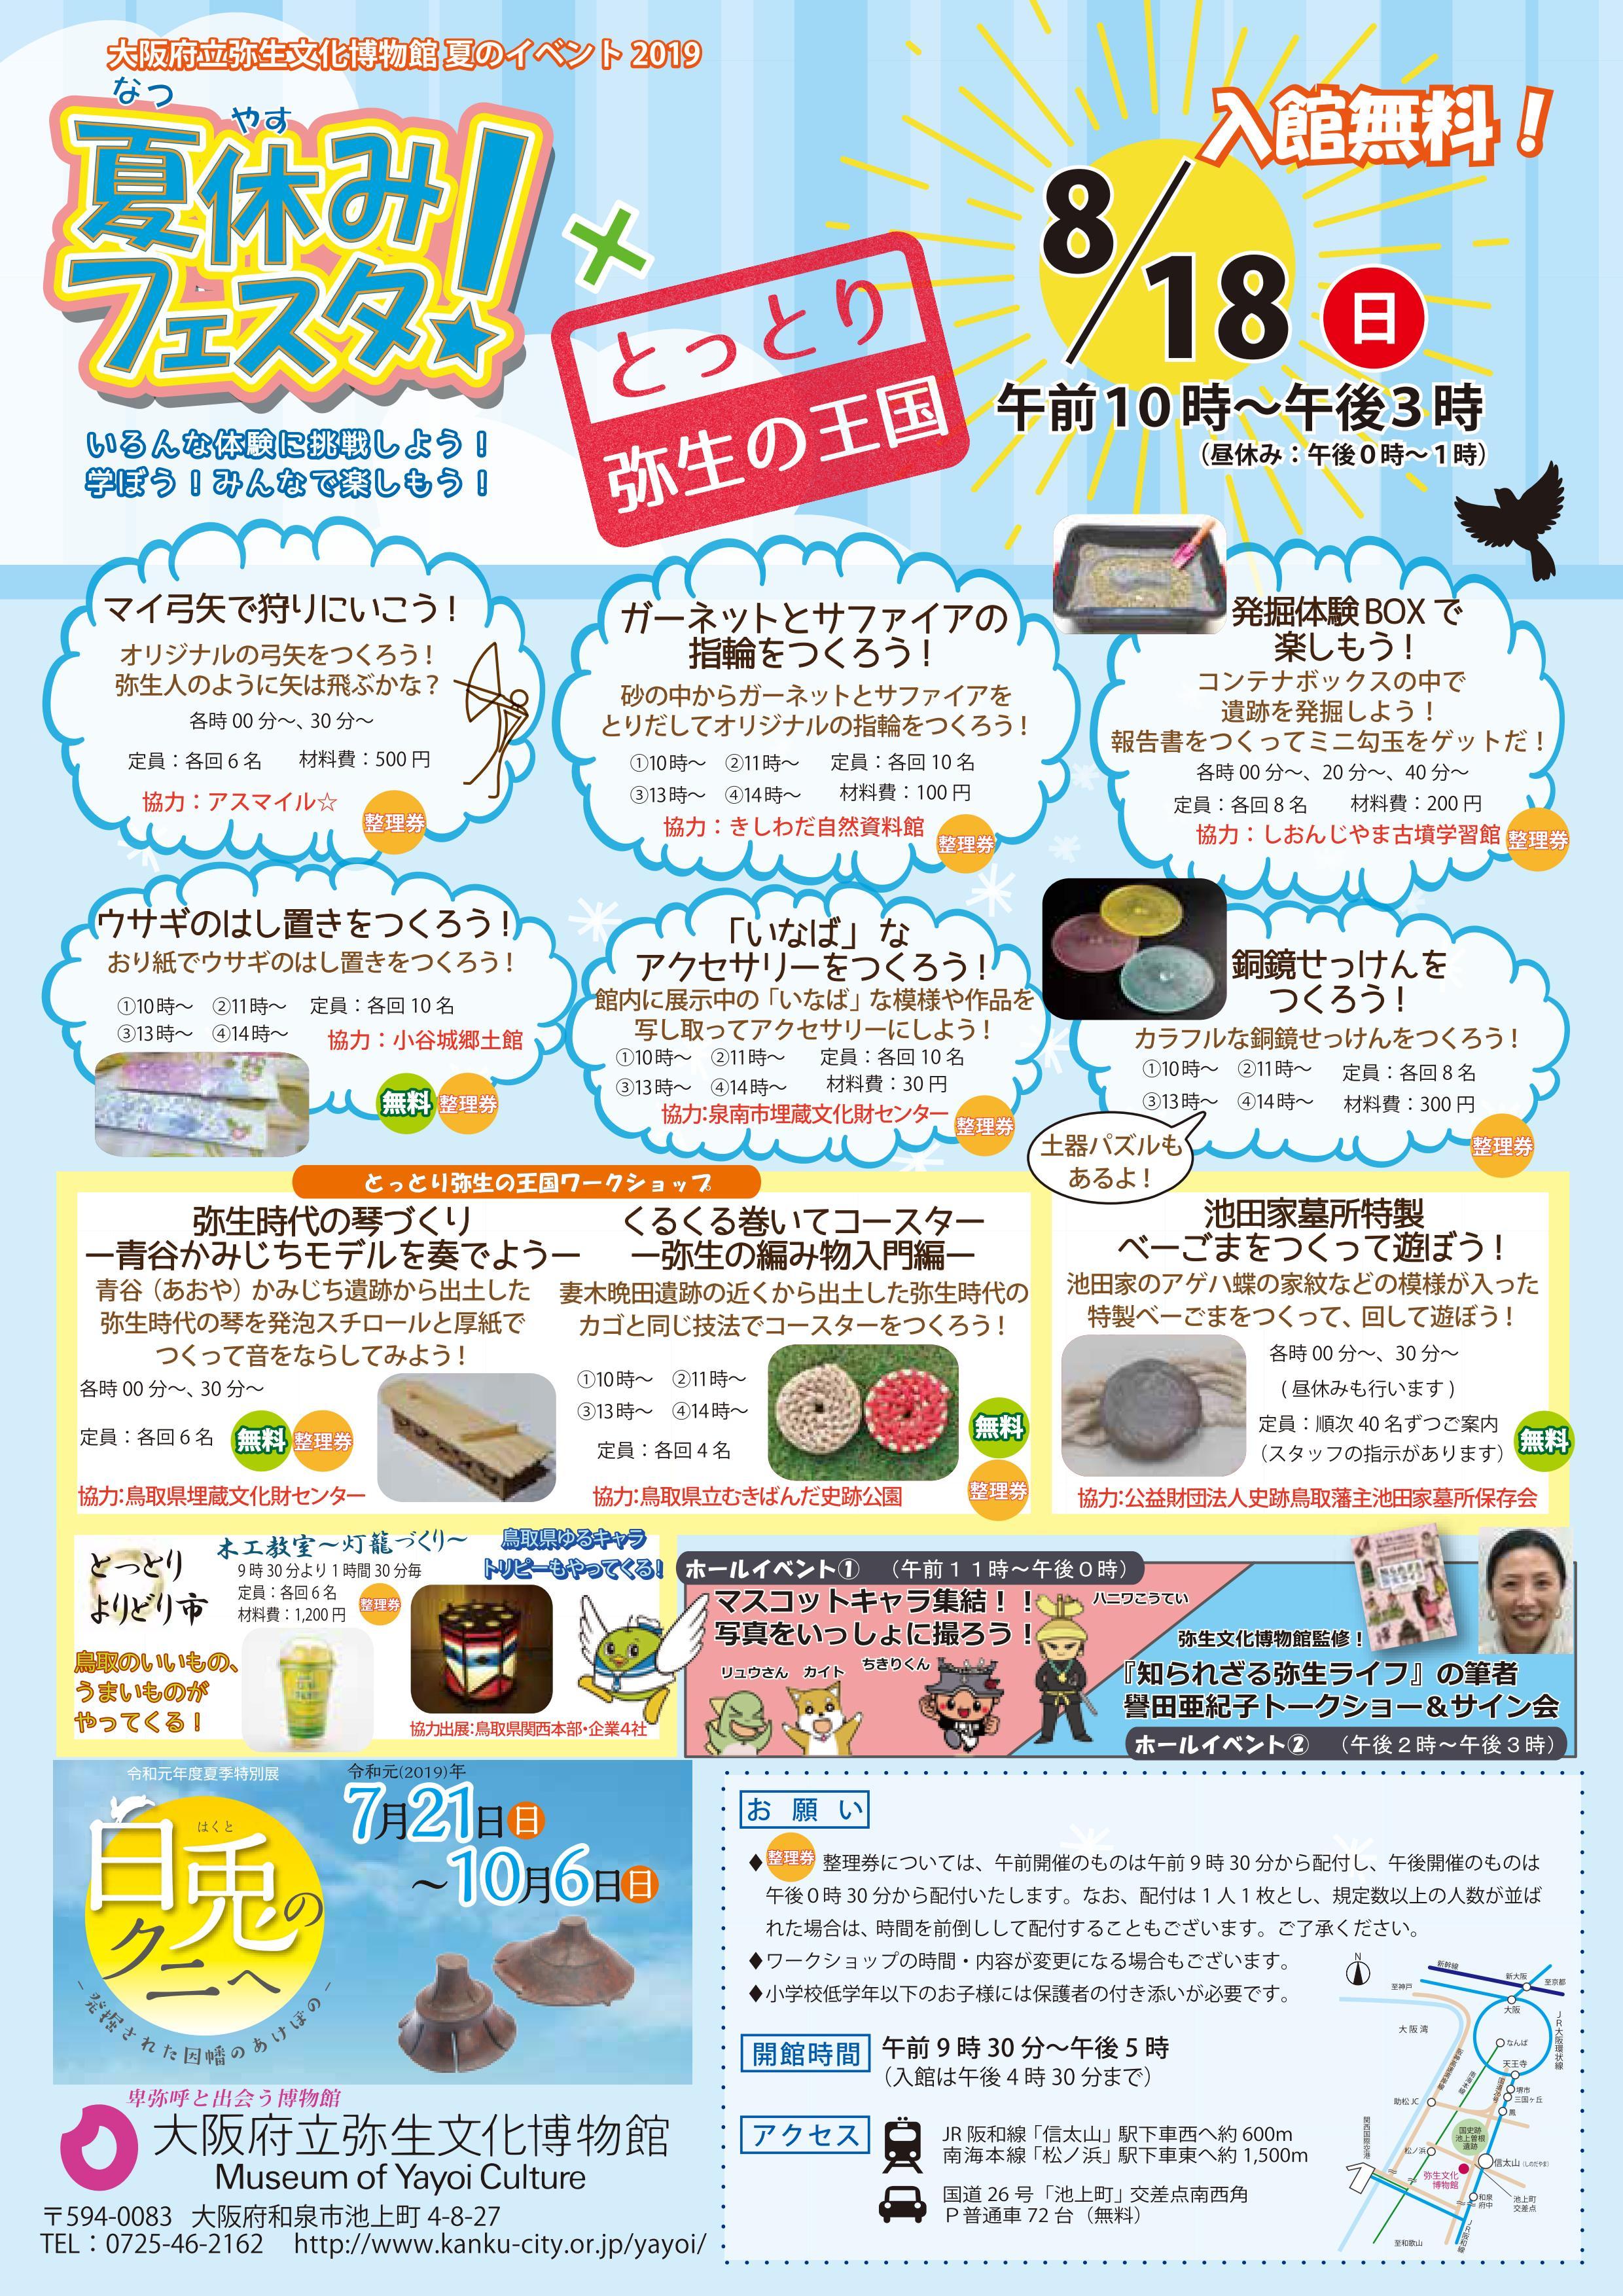 【終了】2019年8月18日(日)夏休みフェスタ!xとっとり弥生の王国開催!